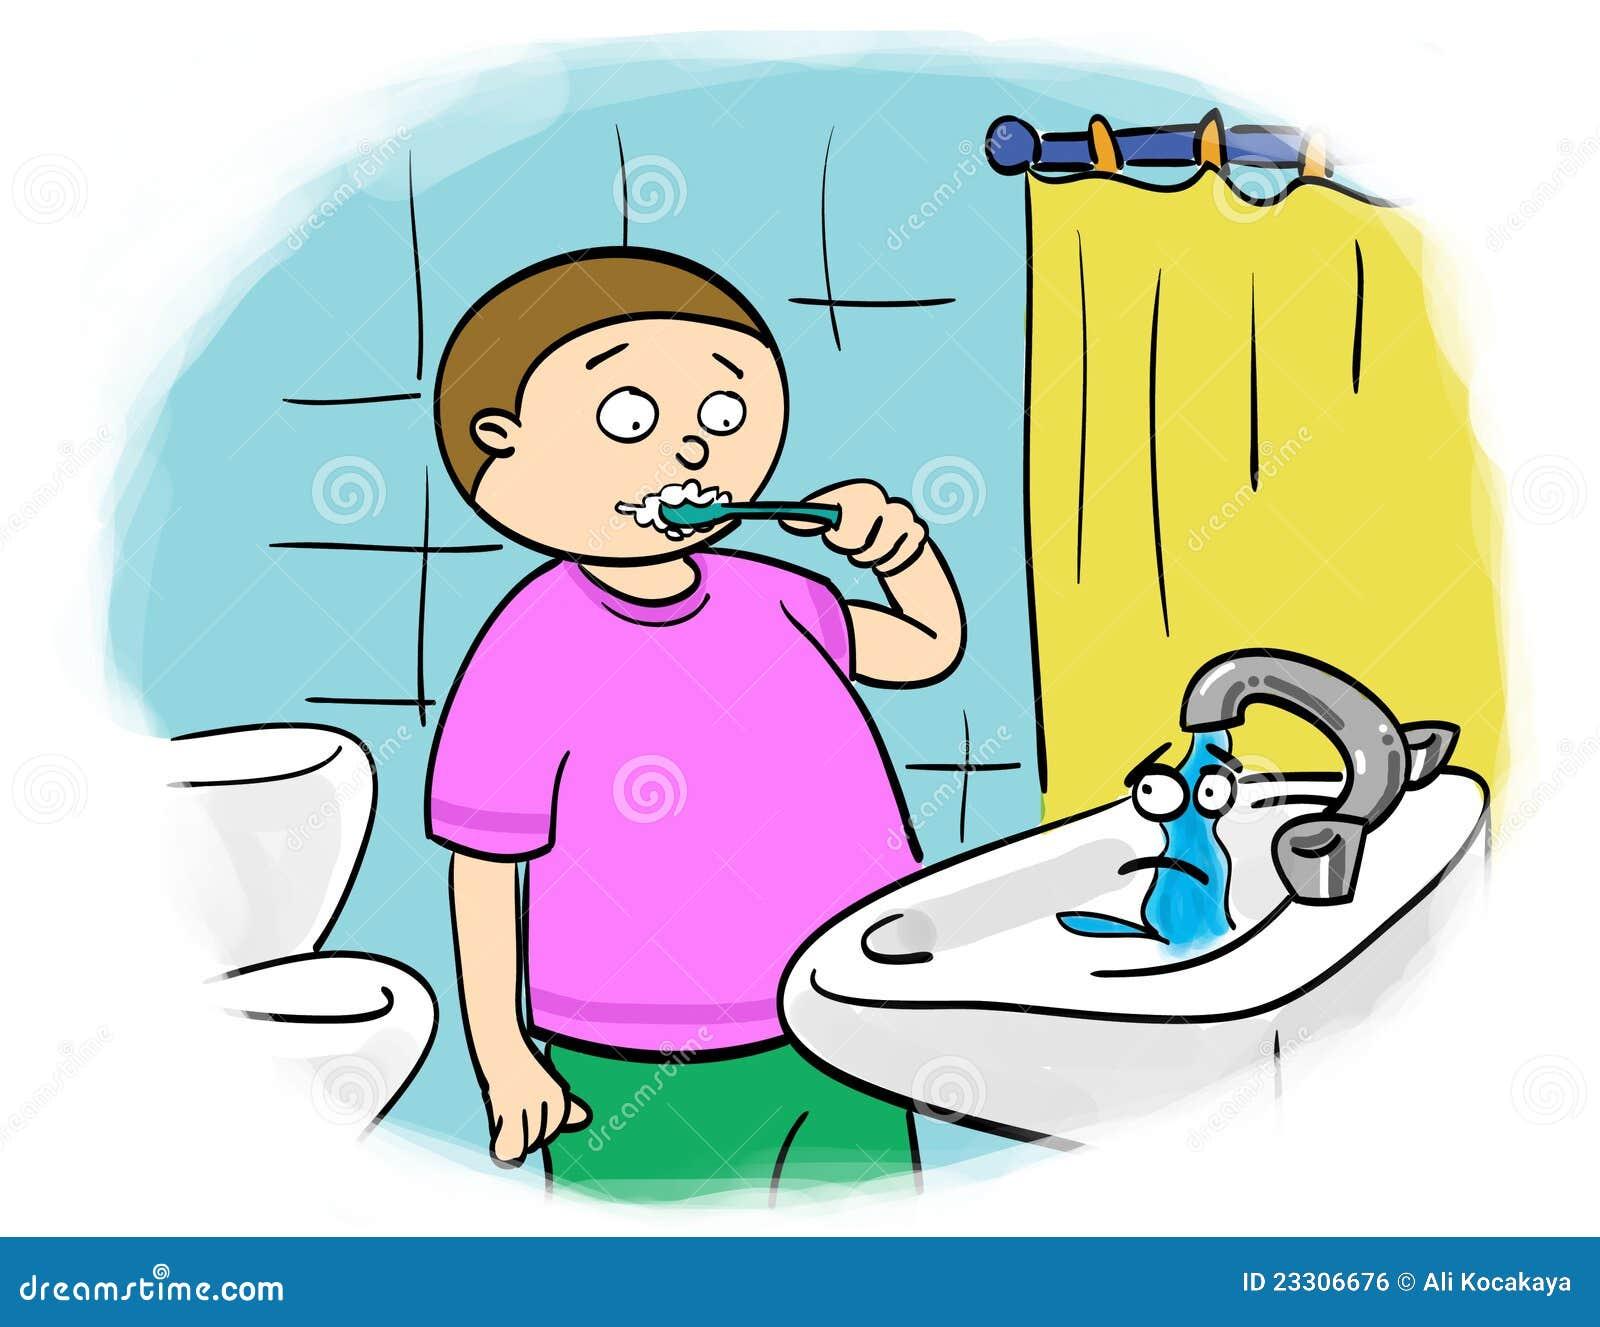 Économie De L'eau Image libre de droits - Image: 23306676